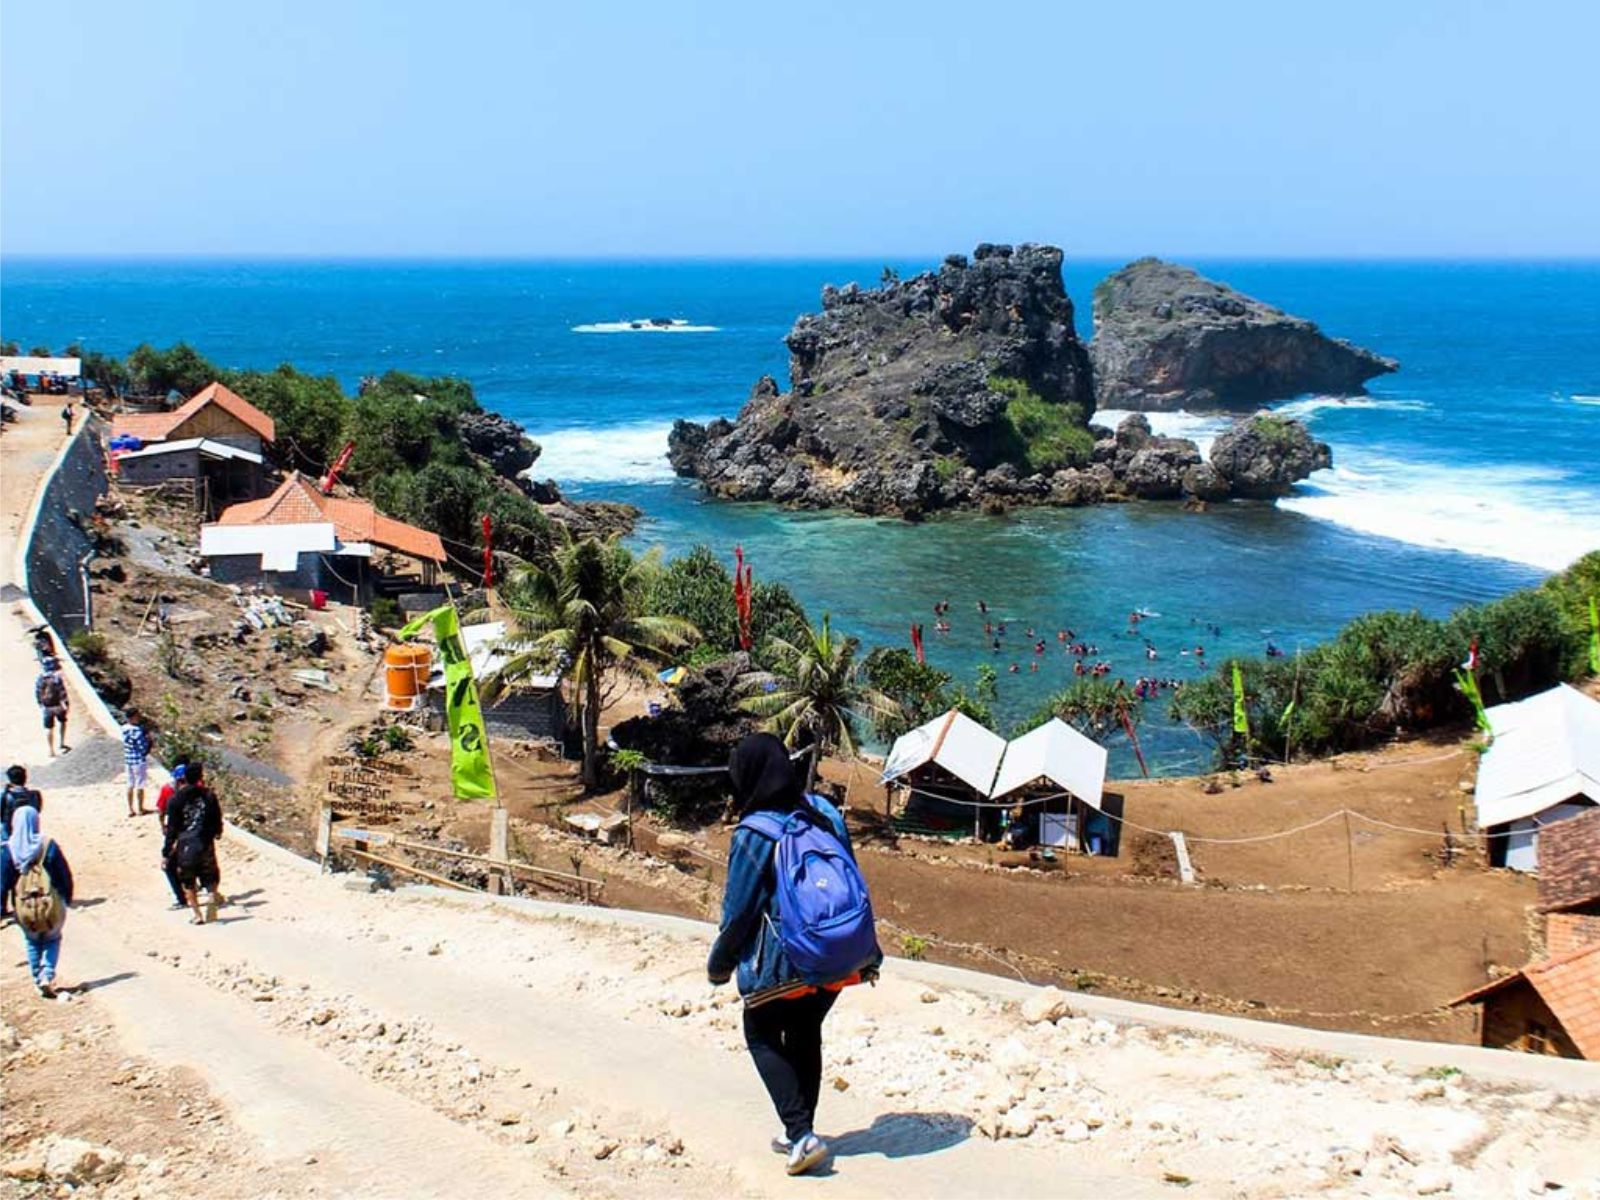 Bus Karyawan Executive Pantai Nglambor Jogja Yang Bisa Untuk Bersantai